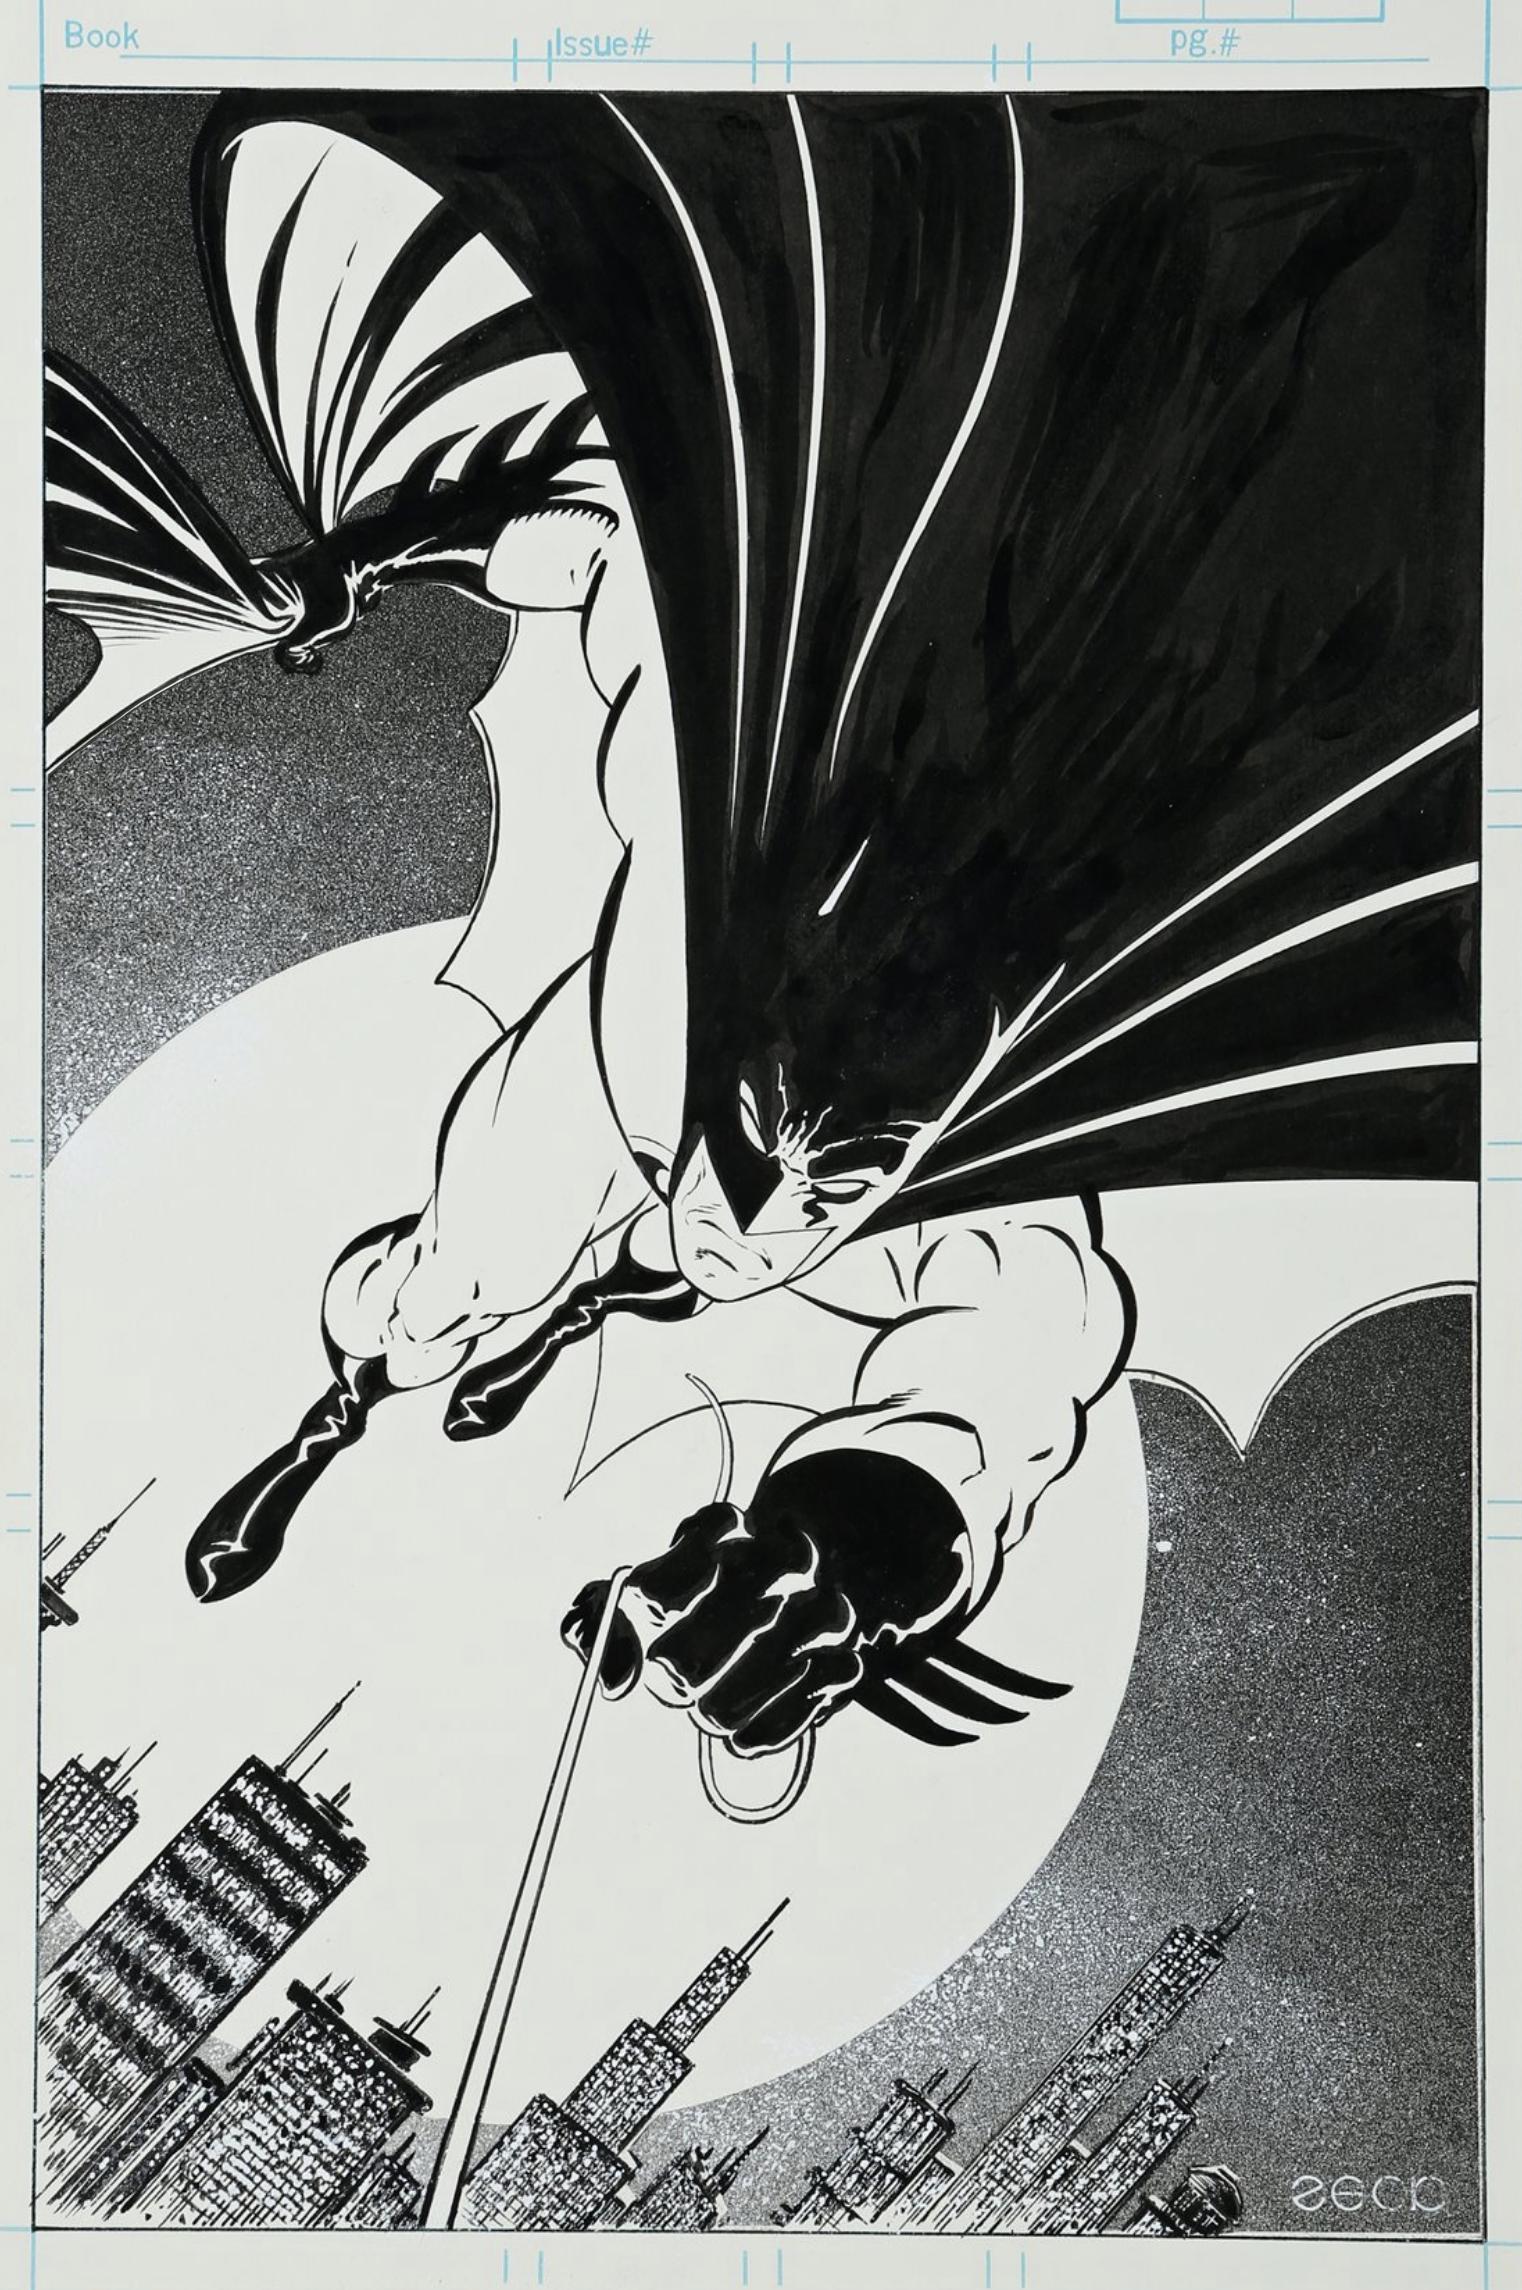 Detective Comics #600 pinup art